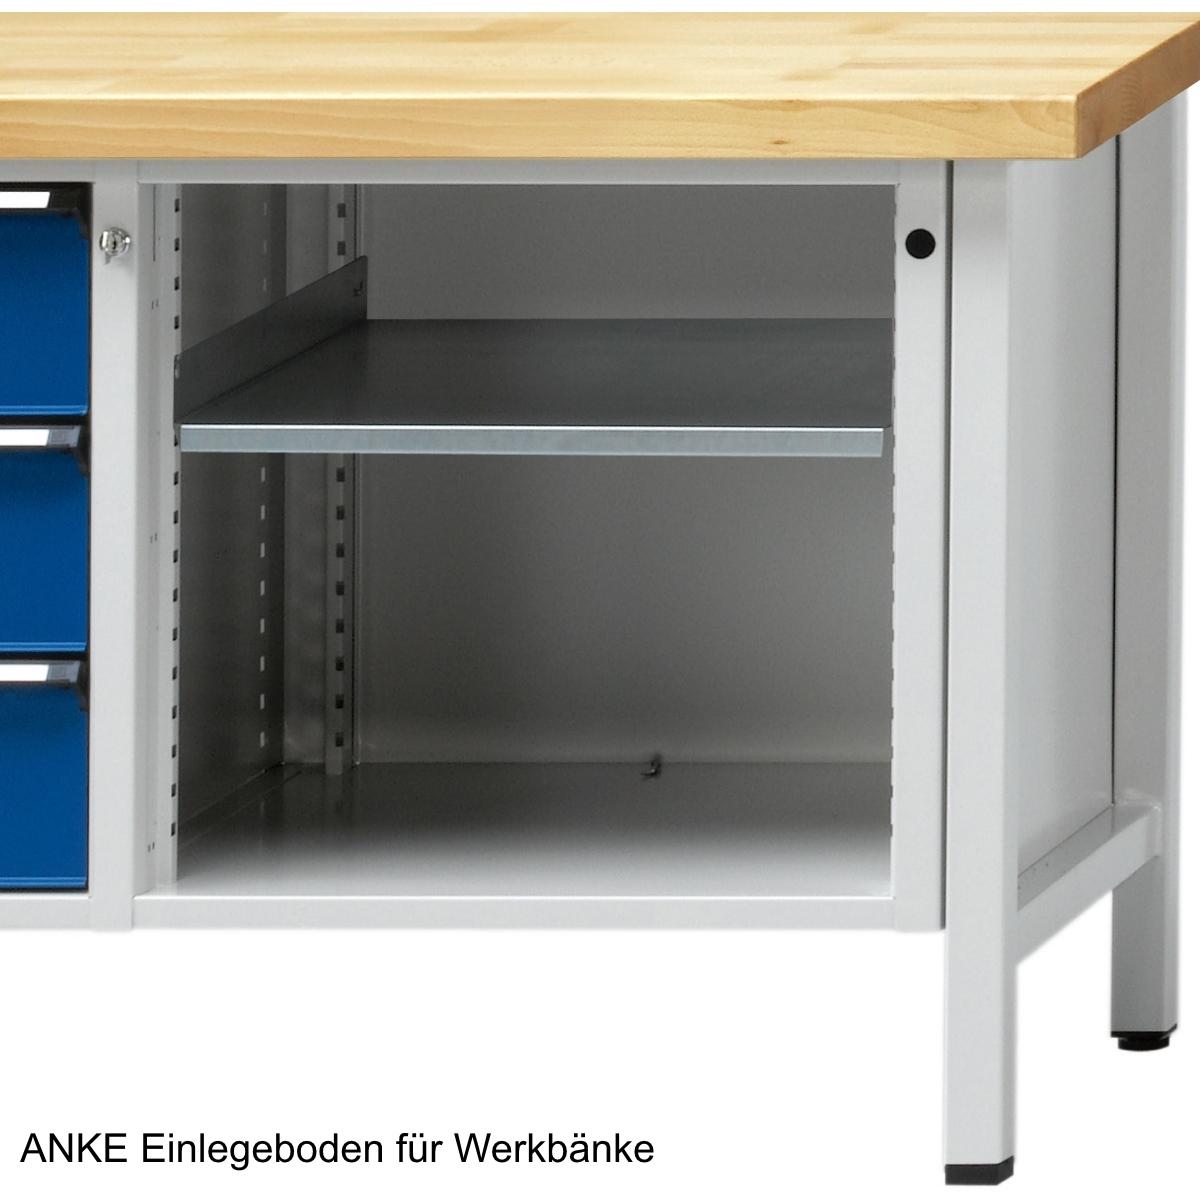 ANKE Einlegeboden - ZaragoShop.de